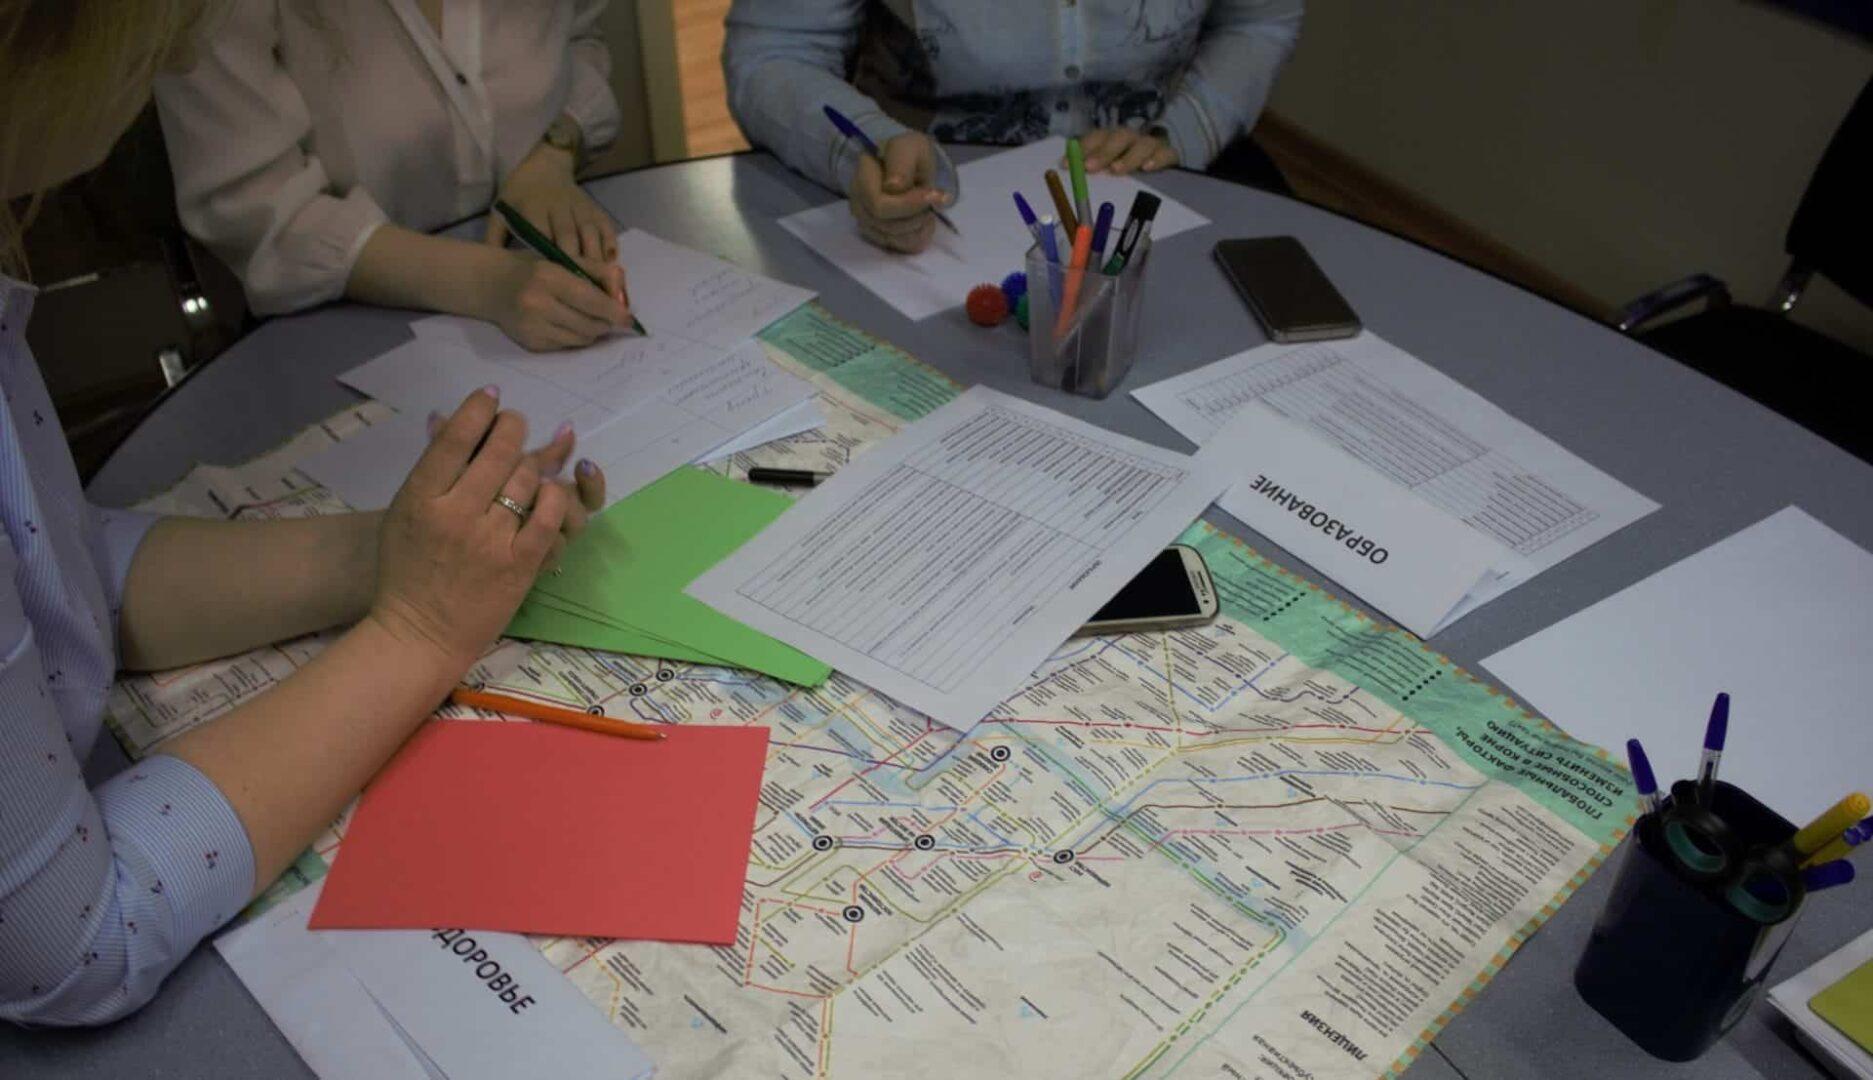 Стратегическая сессия для руководителей. Работа с картами трендов